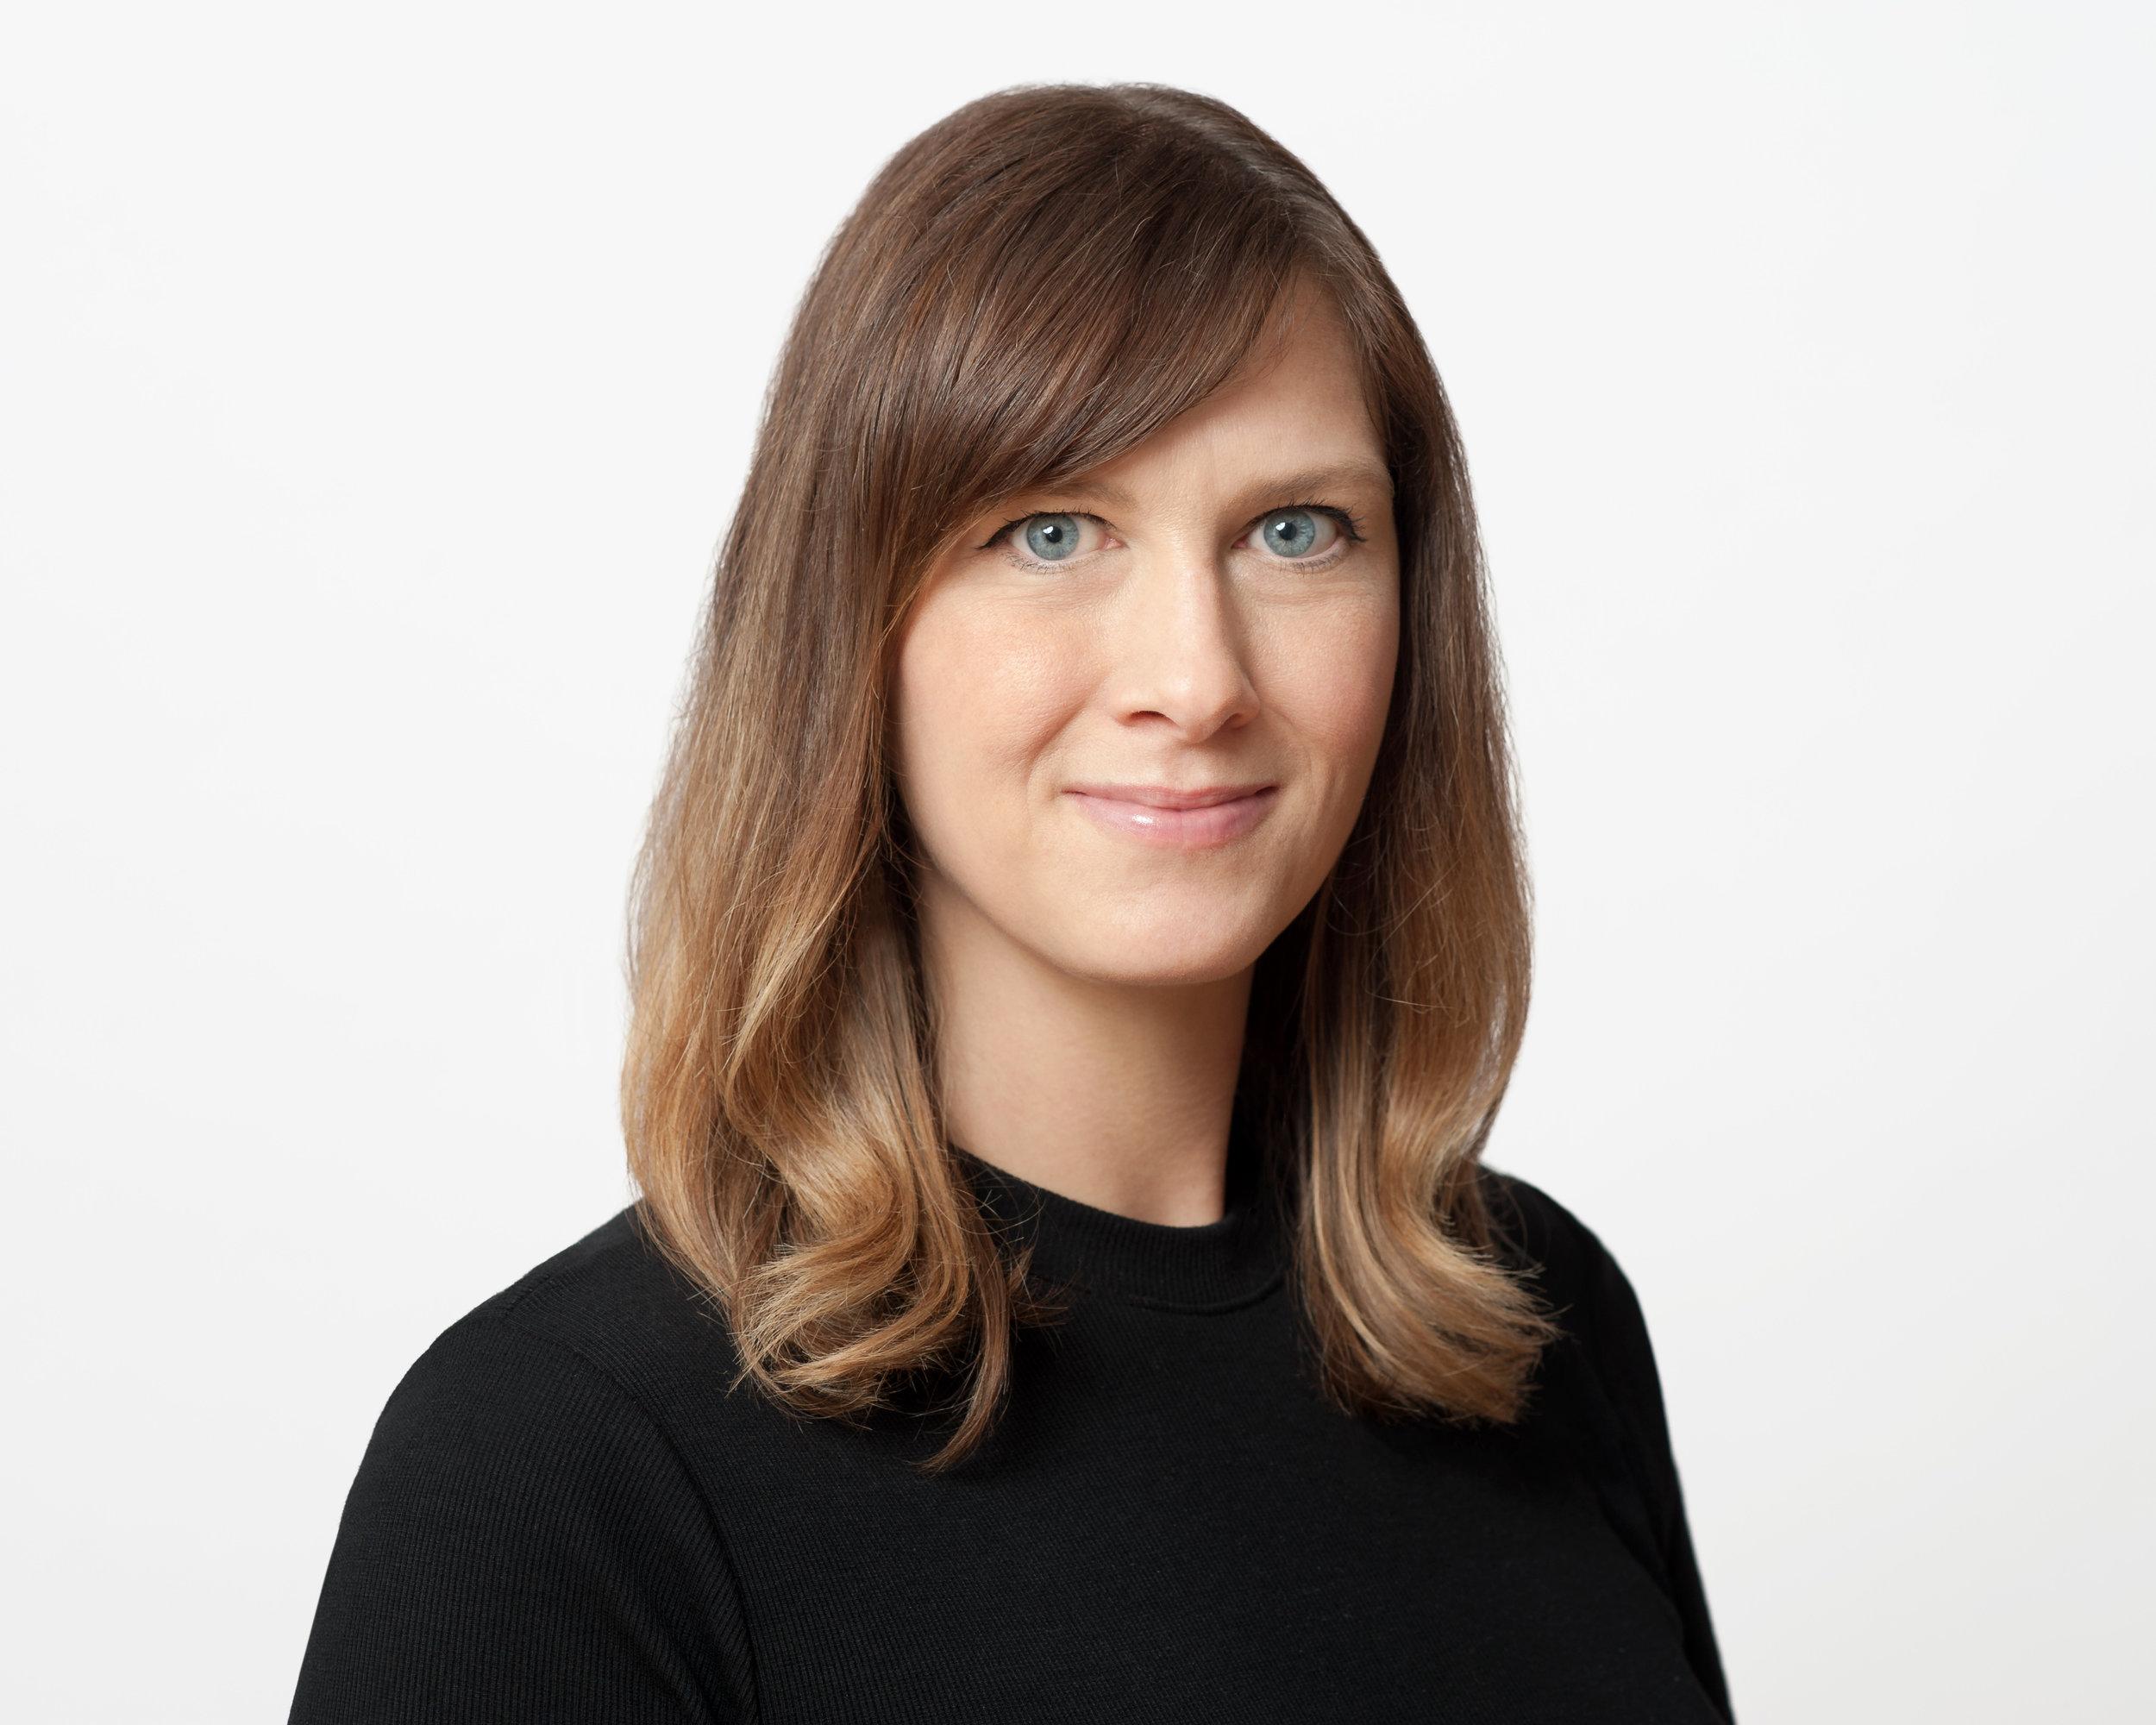 Erin Muntzert